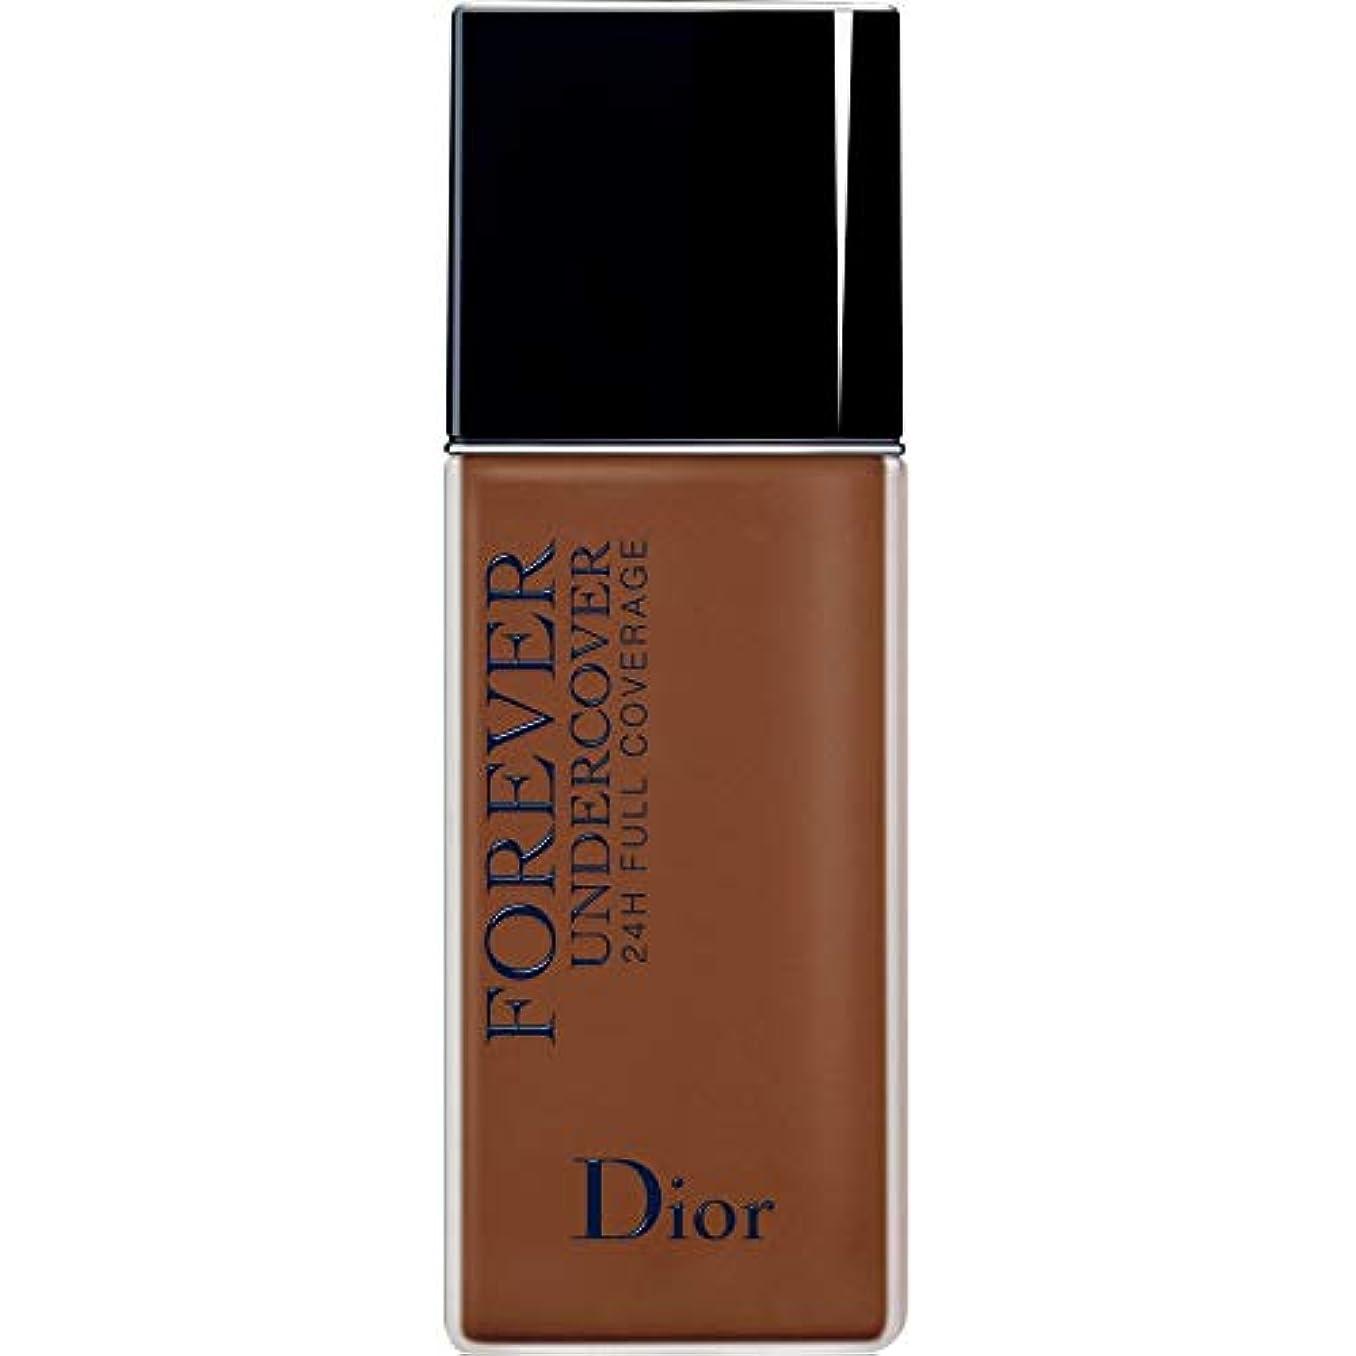 むちゃくちゃベンチシート[Dior ] ディオールディオールスキン永遠アンダーカバーフルカバーの基礎40ミリリットル070 - ダークブラウン - DIOR Diorskin Forever Undercover Full Coverage Foundation...